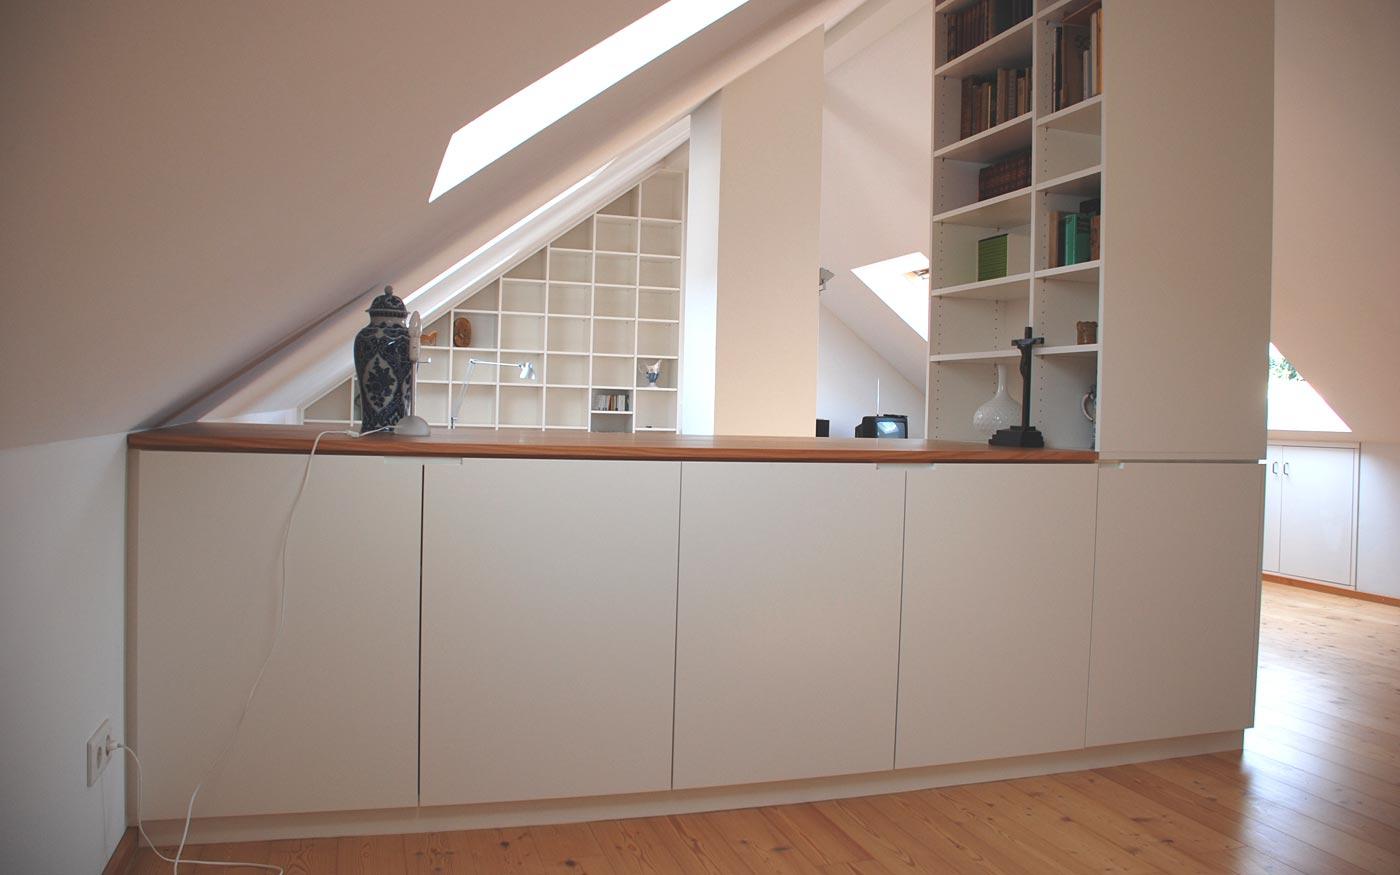 Küche in einer Dachschräge, individuell vom Tischler